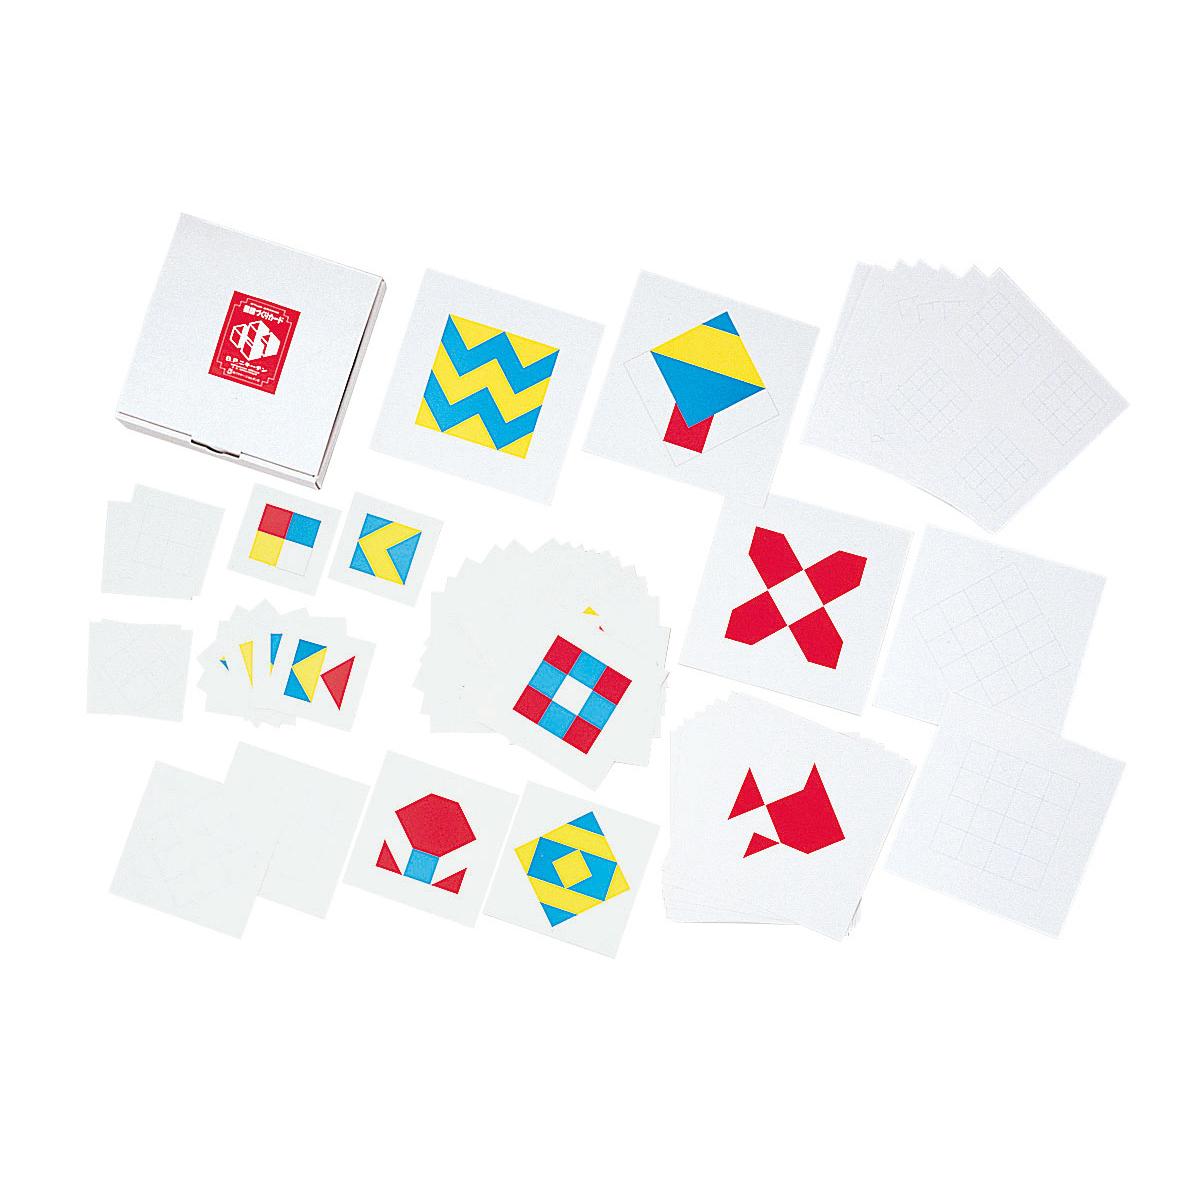 模様づくり カード